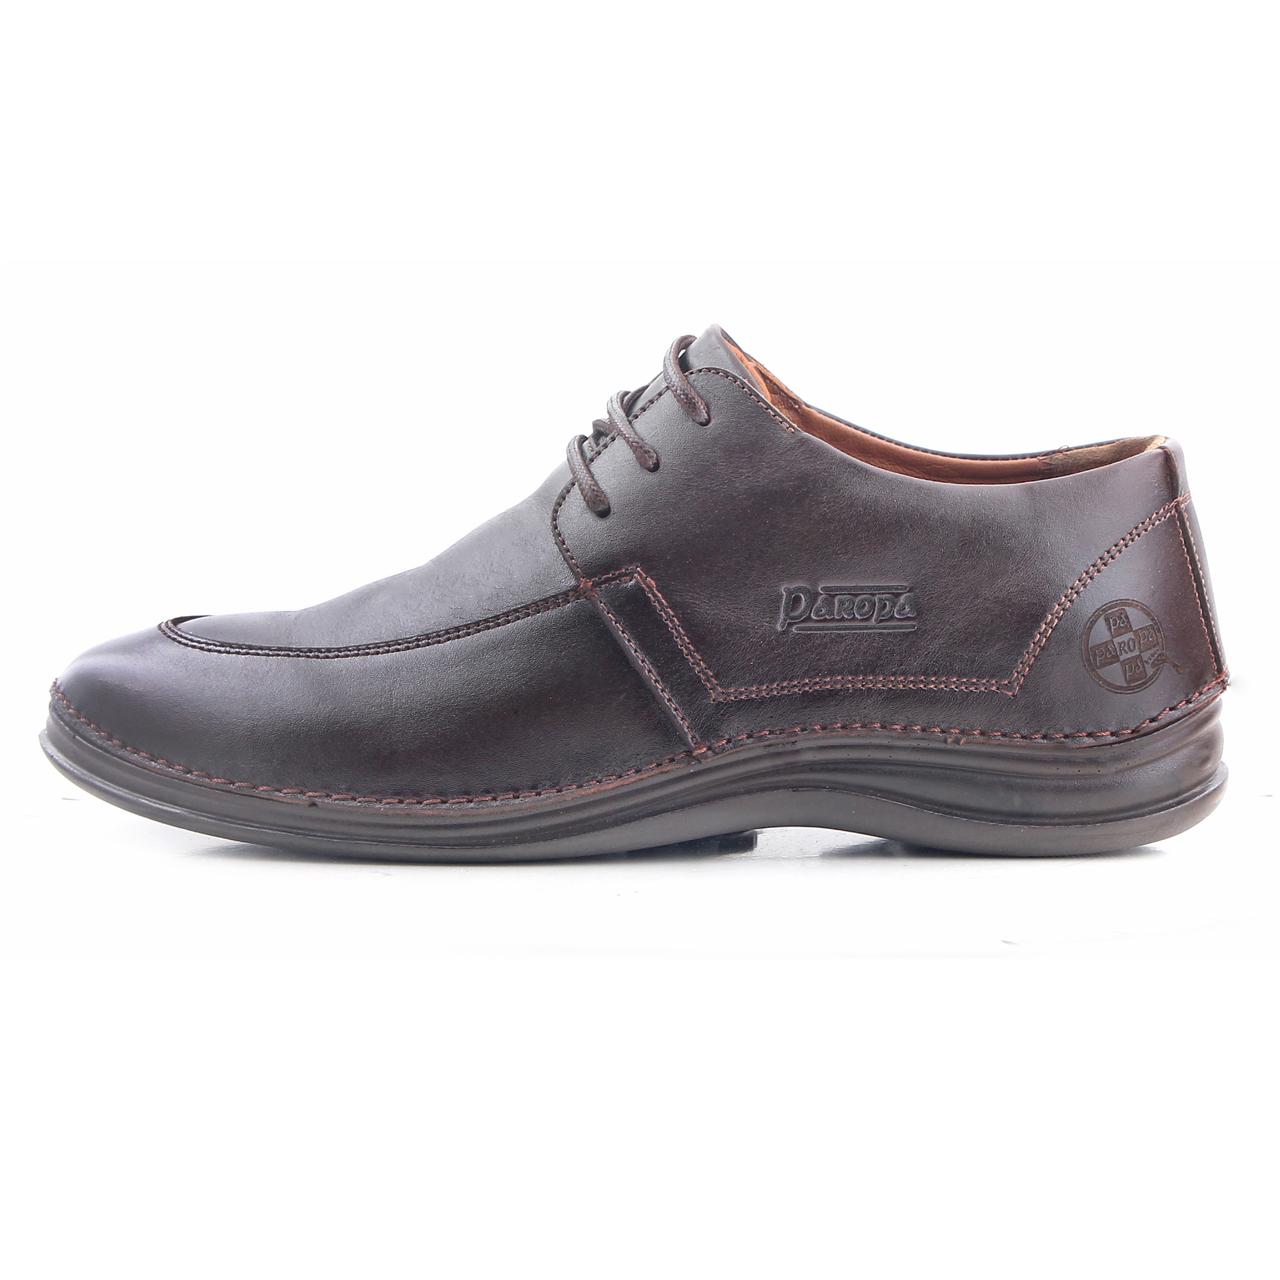 کفش مردانه پاروپا مدل دنیل کد70416521652